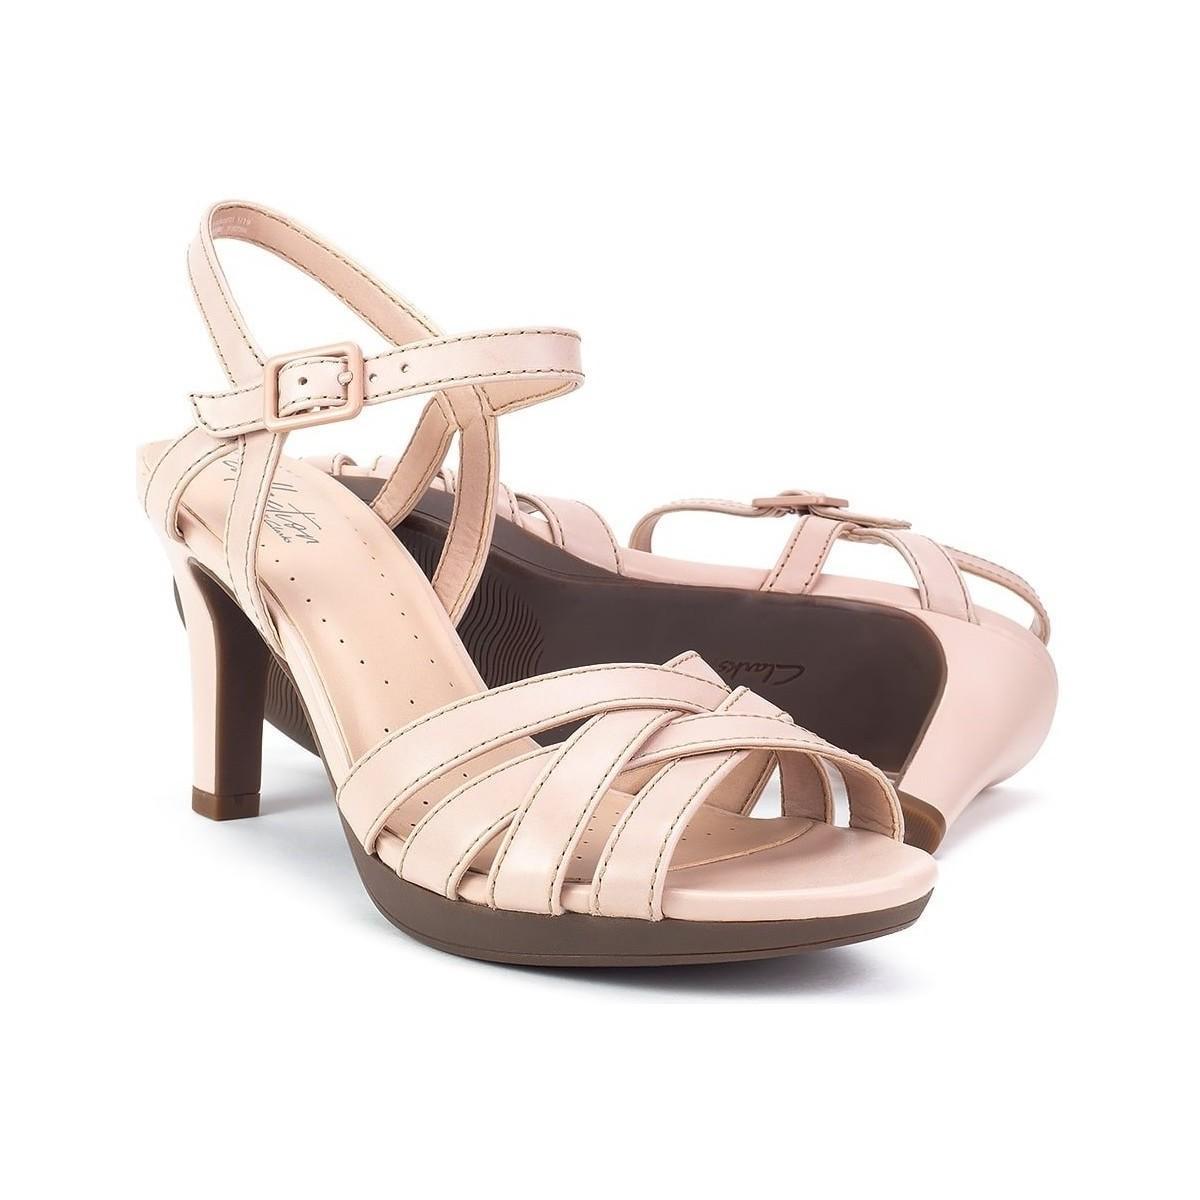 Clarks Adriel Wavy Sandals in Pink - Lyst